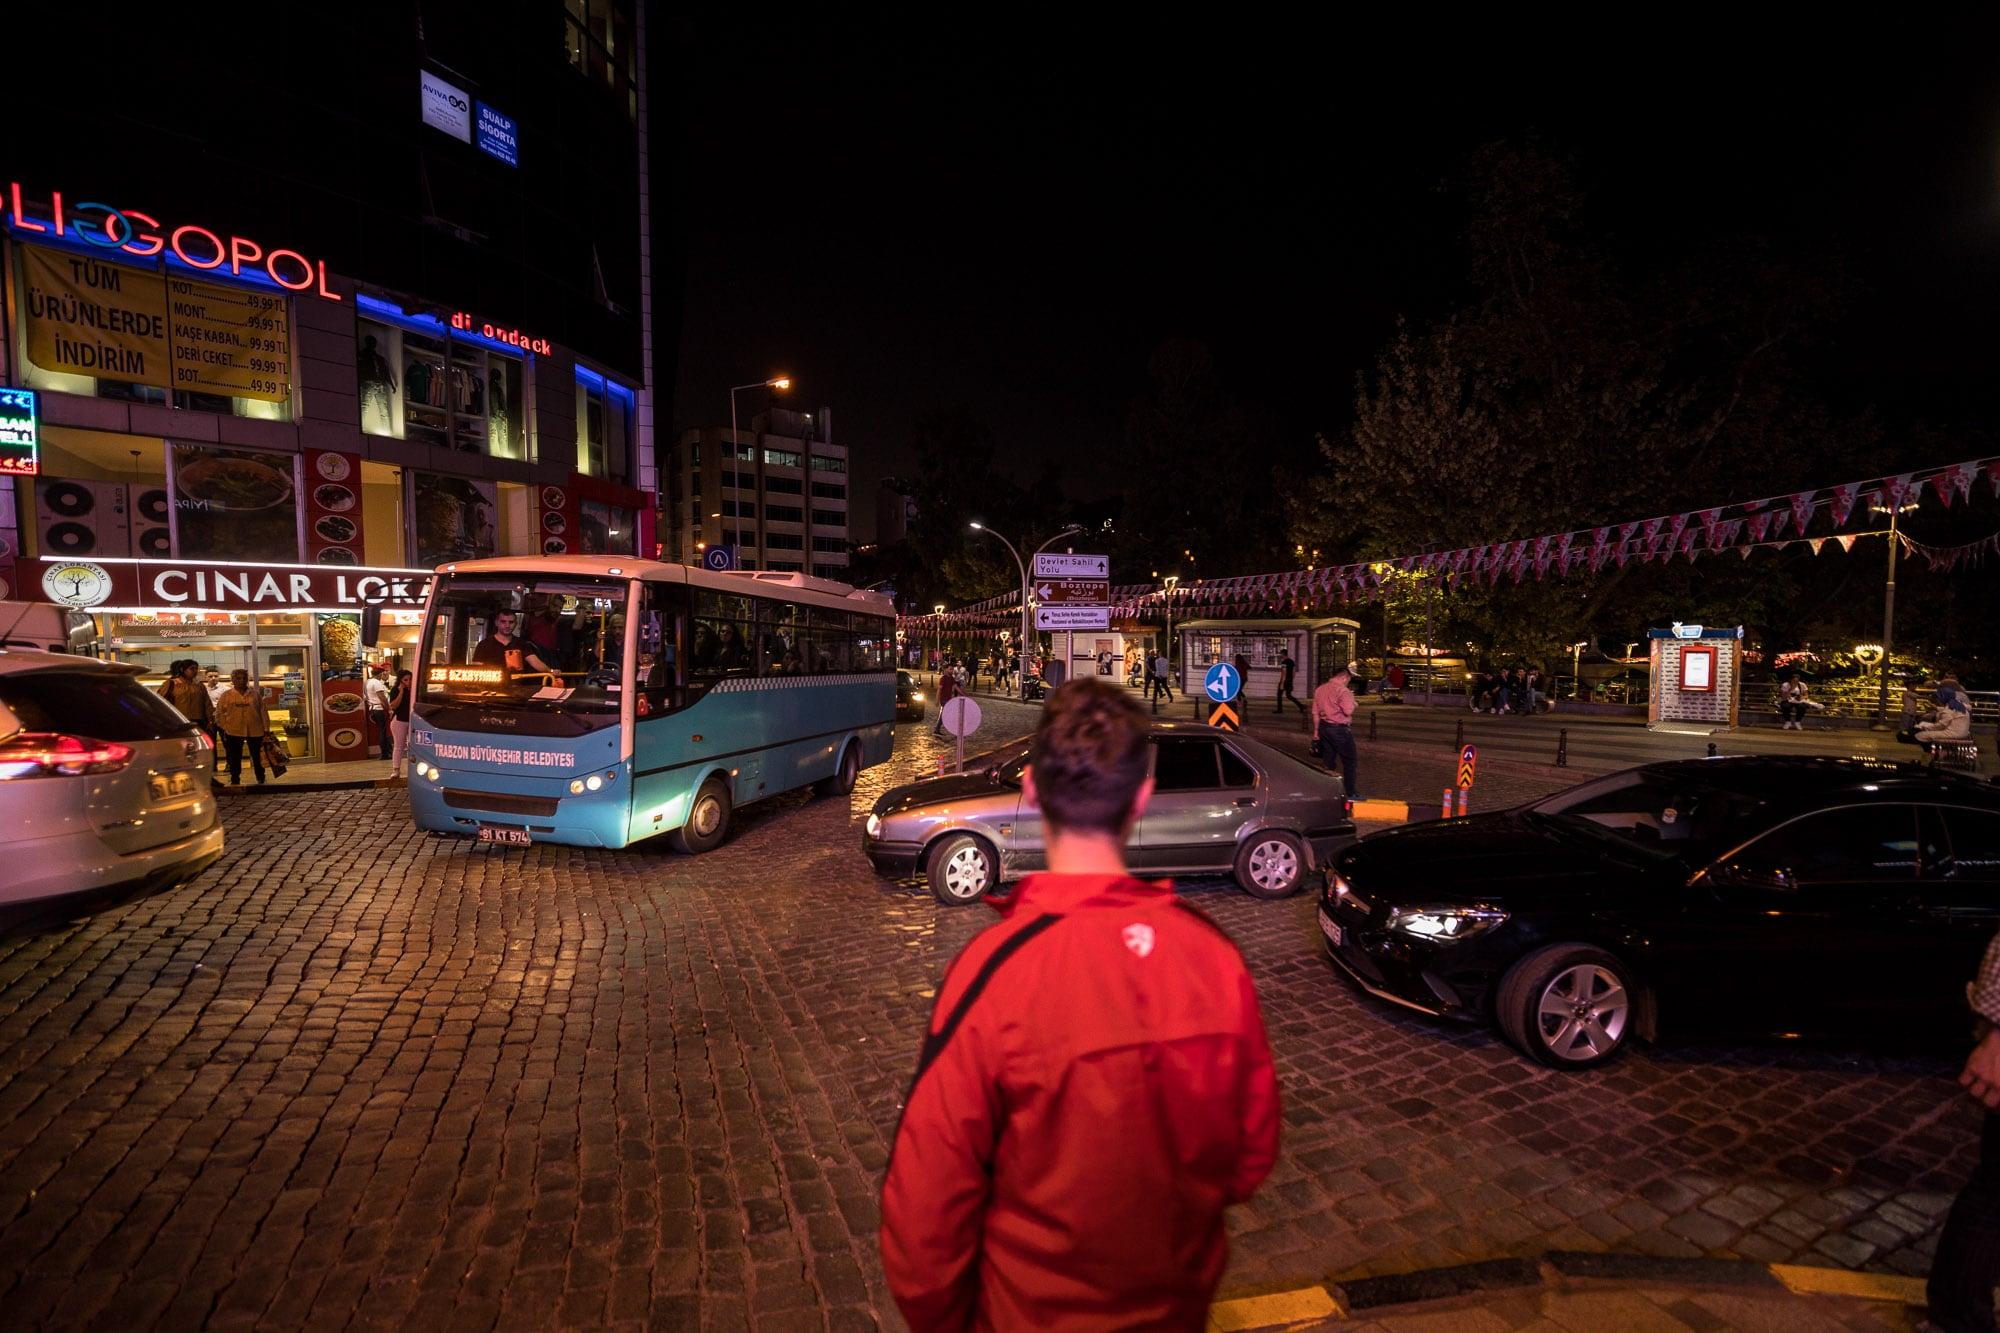 downtown Trabzon at night